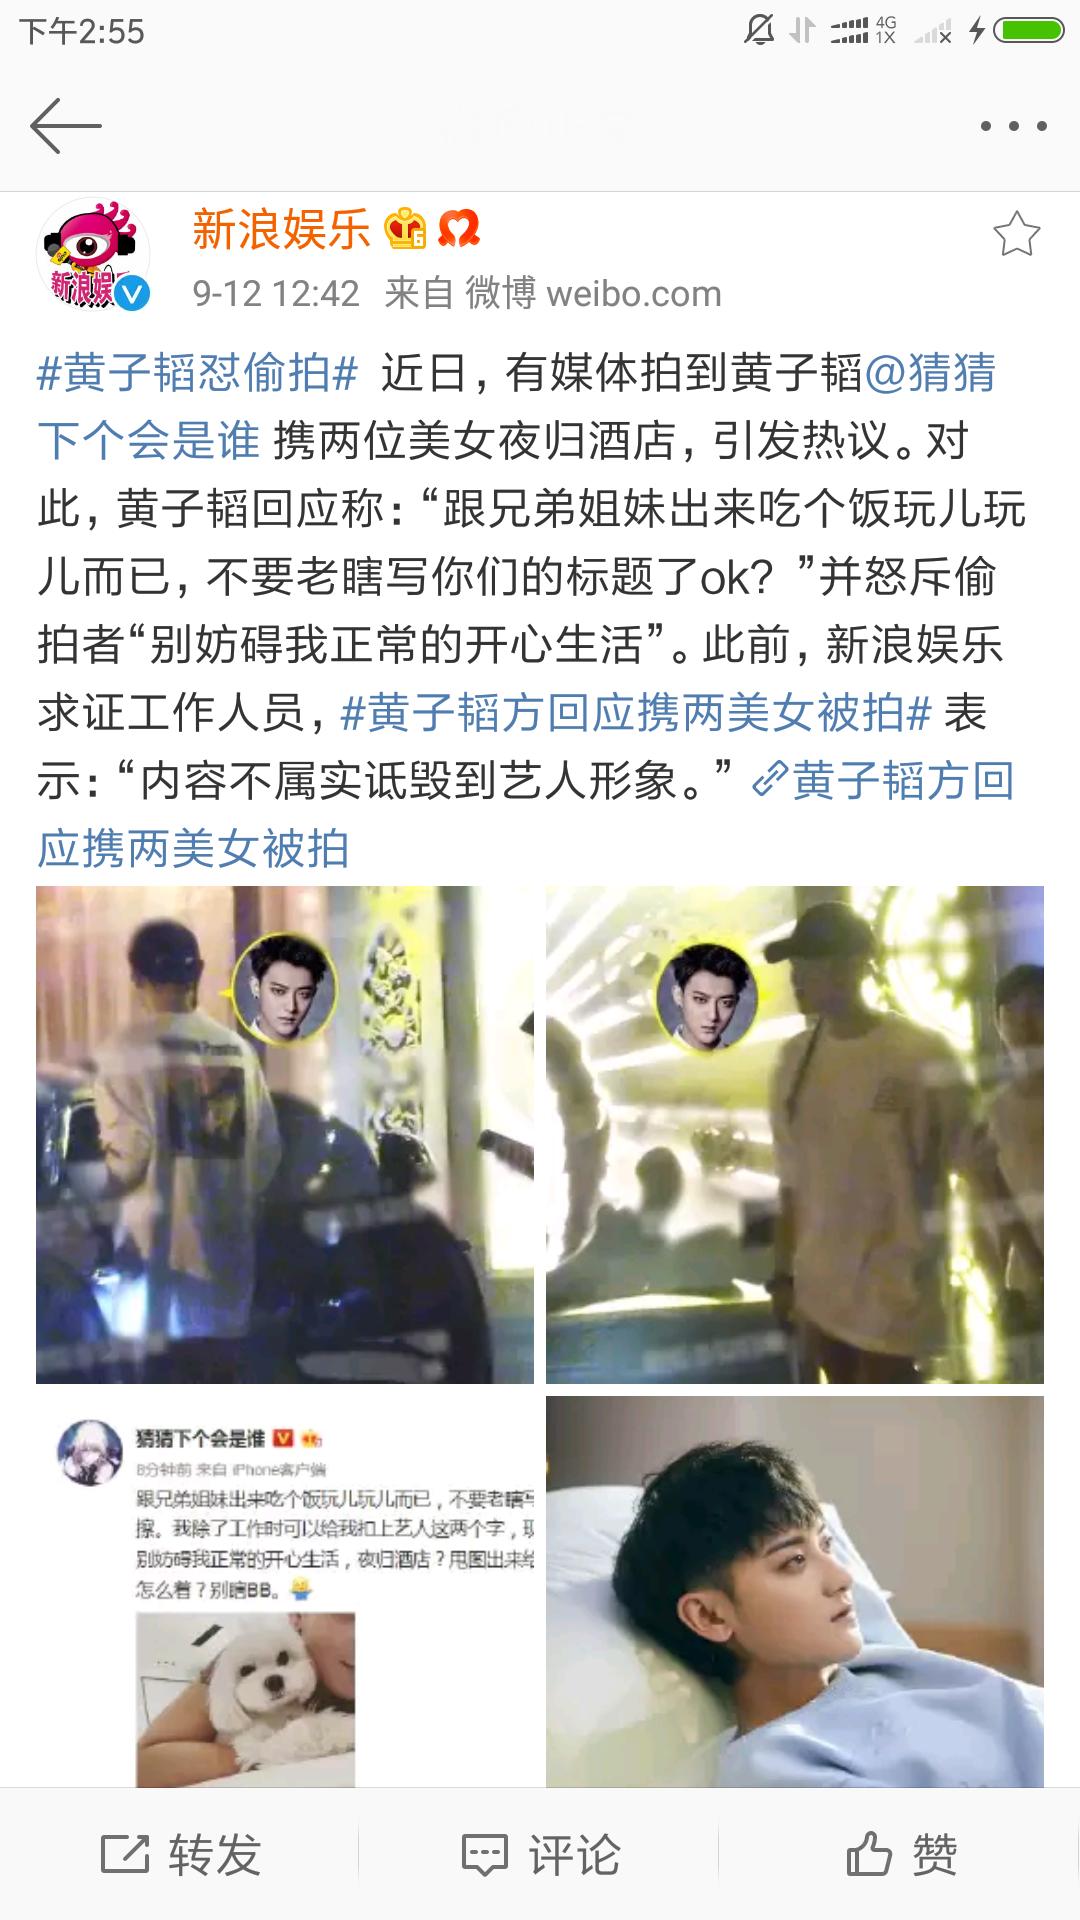 """原创            黄子韬自称""""老子"""",怒怼造谣偷拍者,否认与两名美女夜归酒店"""